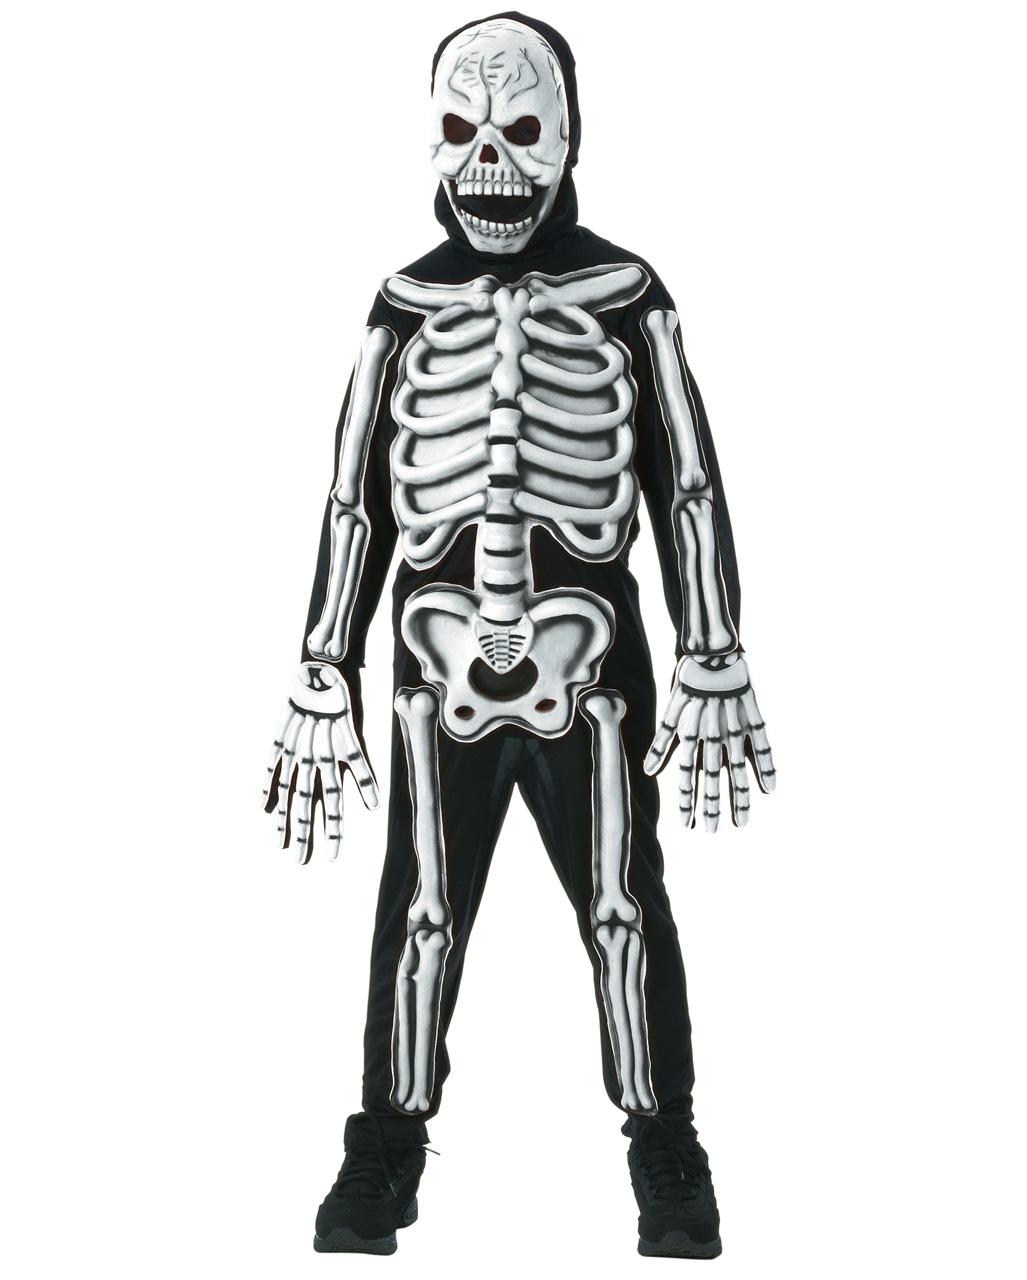 skelett kinderkost m 3d s online kaufen karneval universe. Black Bedroom Furniture Sets. Home Design Ideas